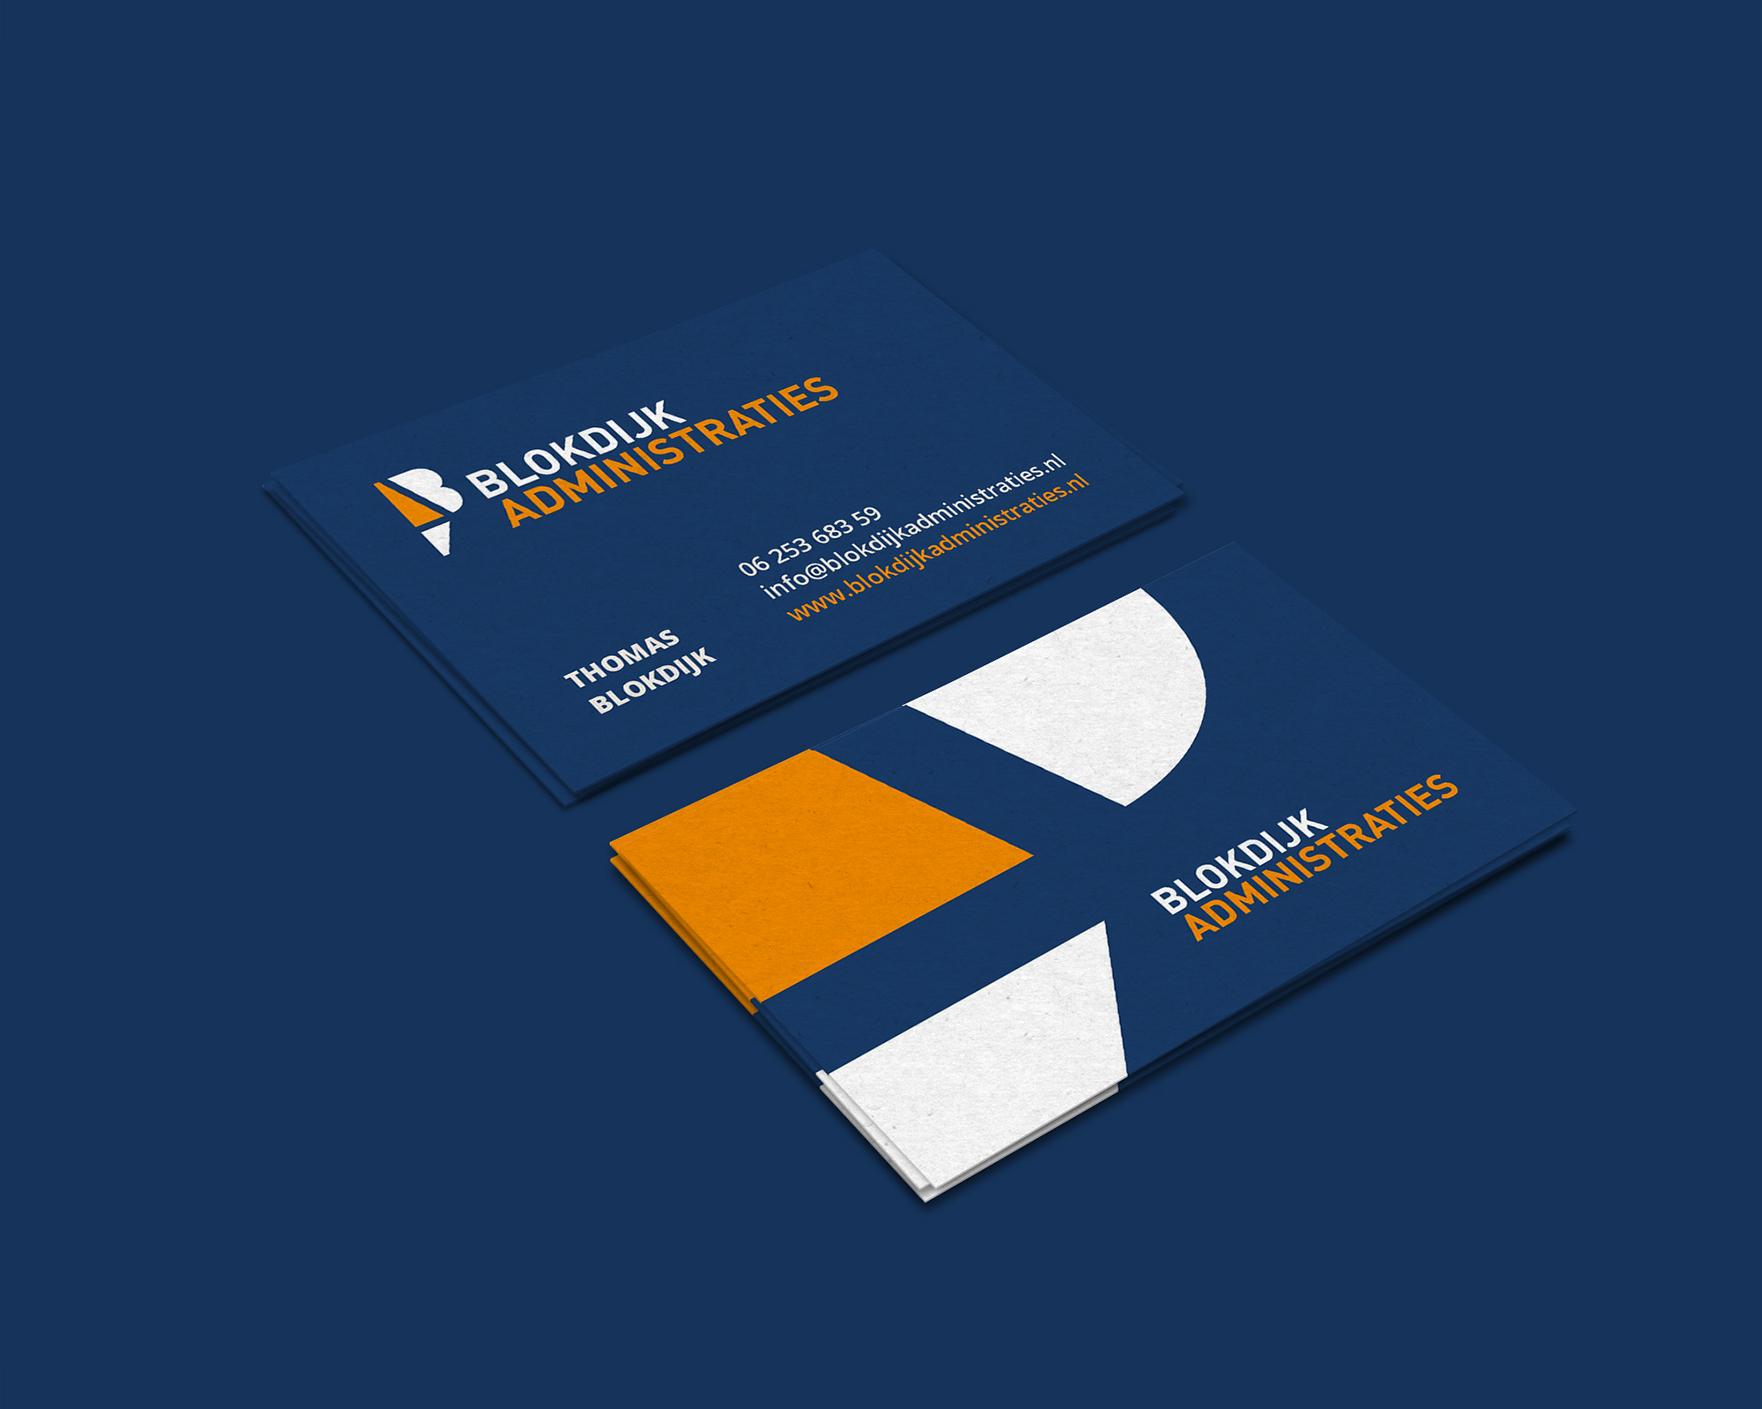 Logo en visitekaartjes voor Thomas Blokdijk Administraties in Tuitjenhorn gemaakt door Sjoerd van Schagen